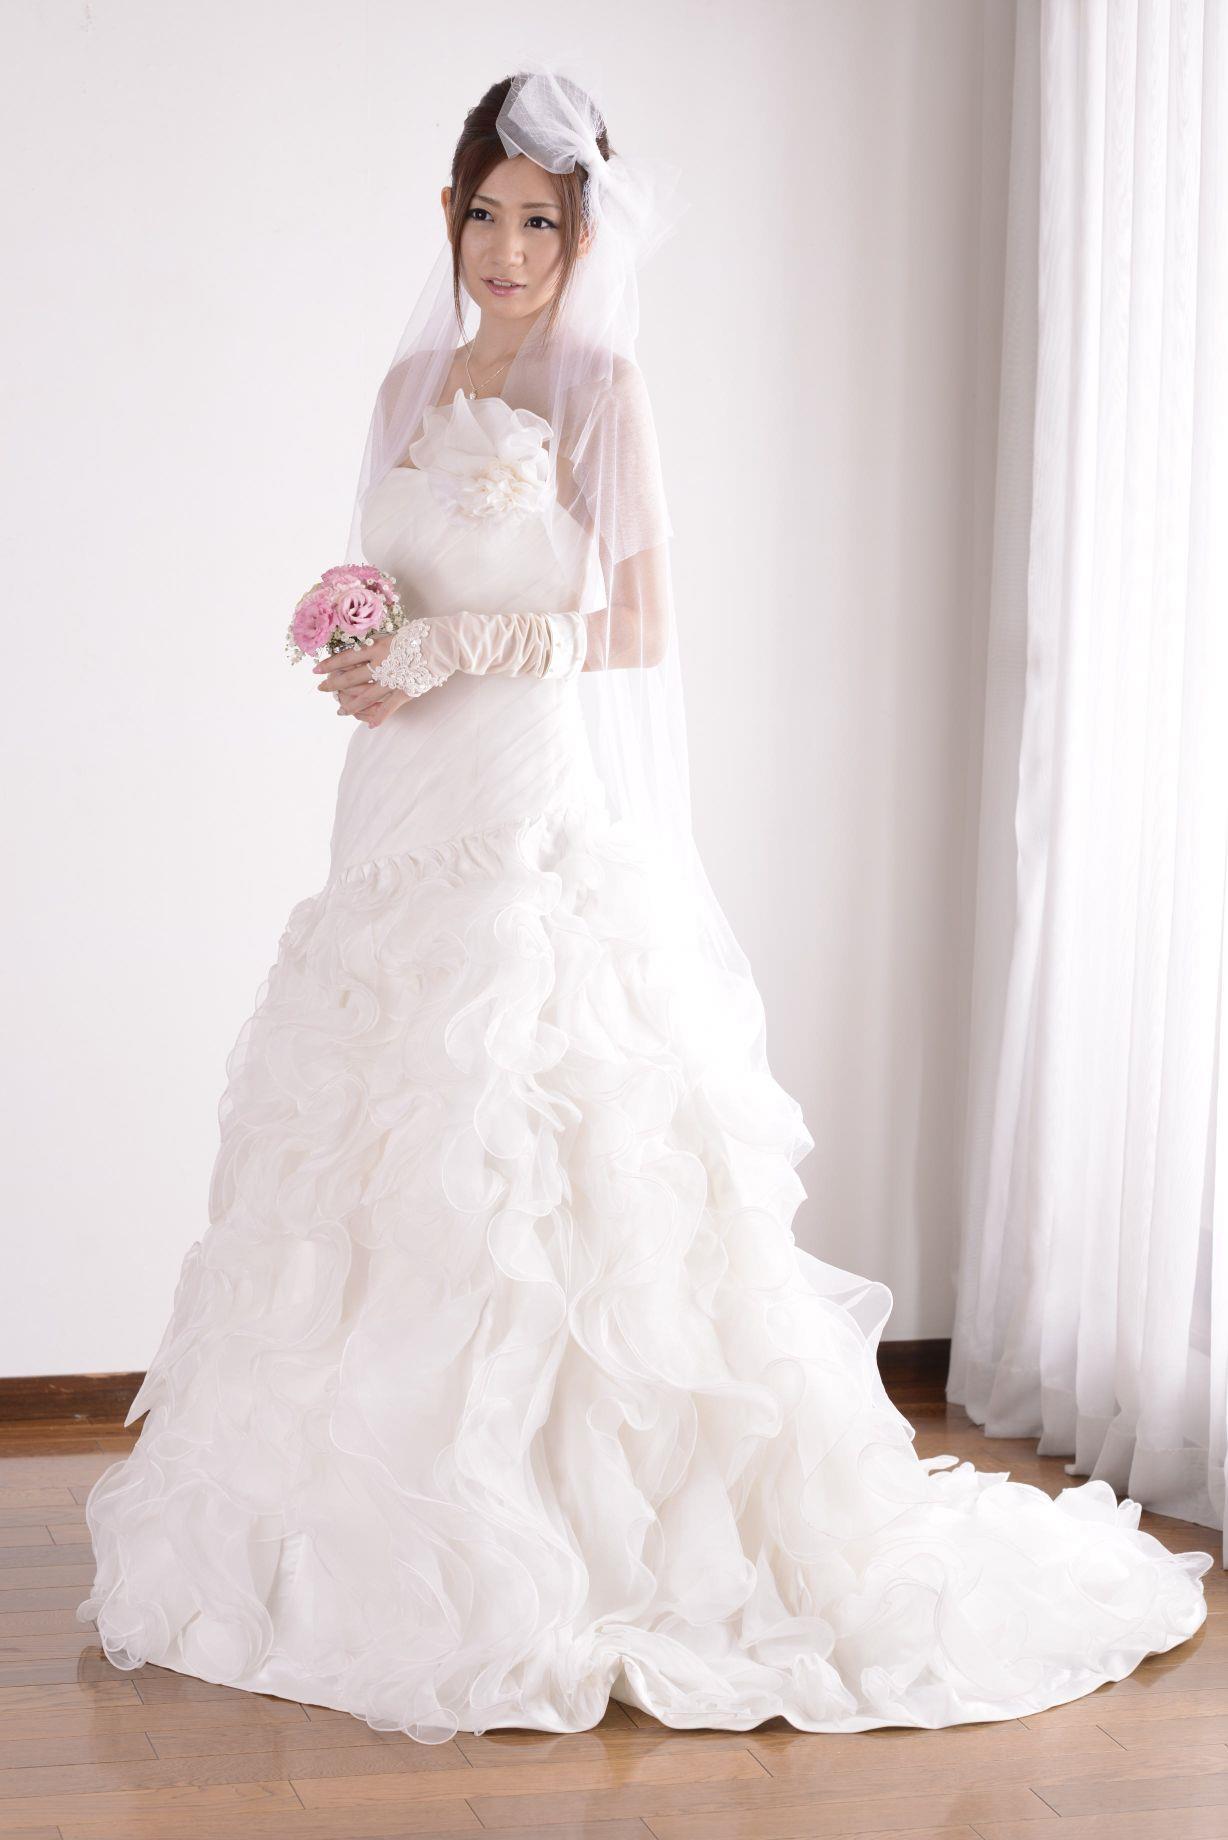 前田かおり ウェディングドレス画像 18